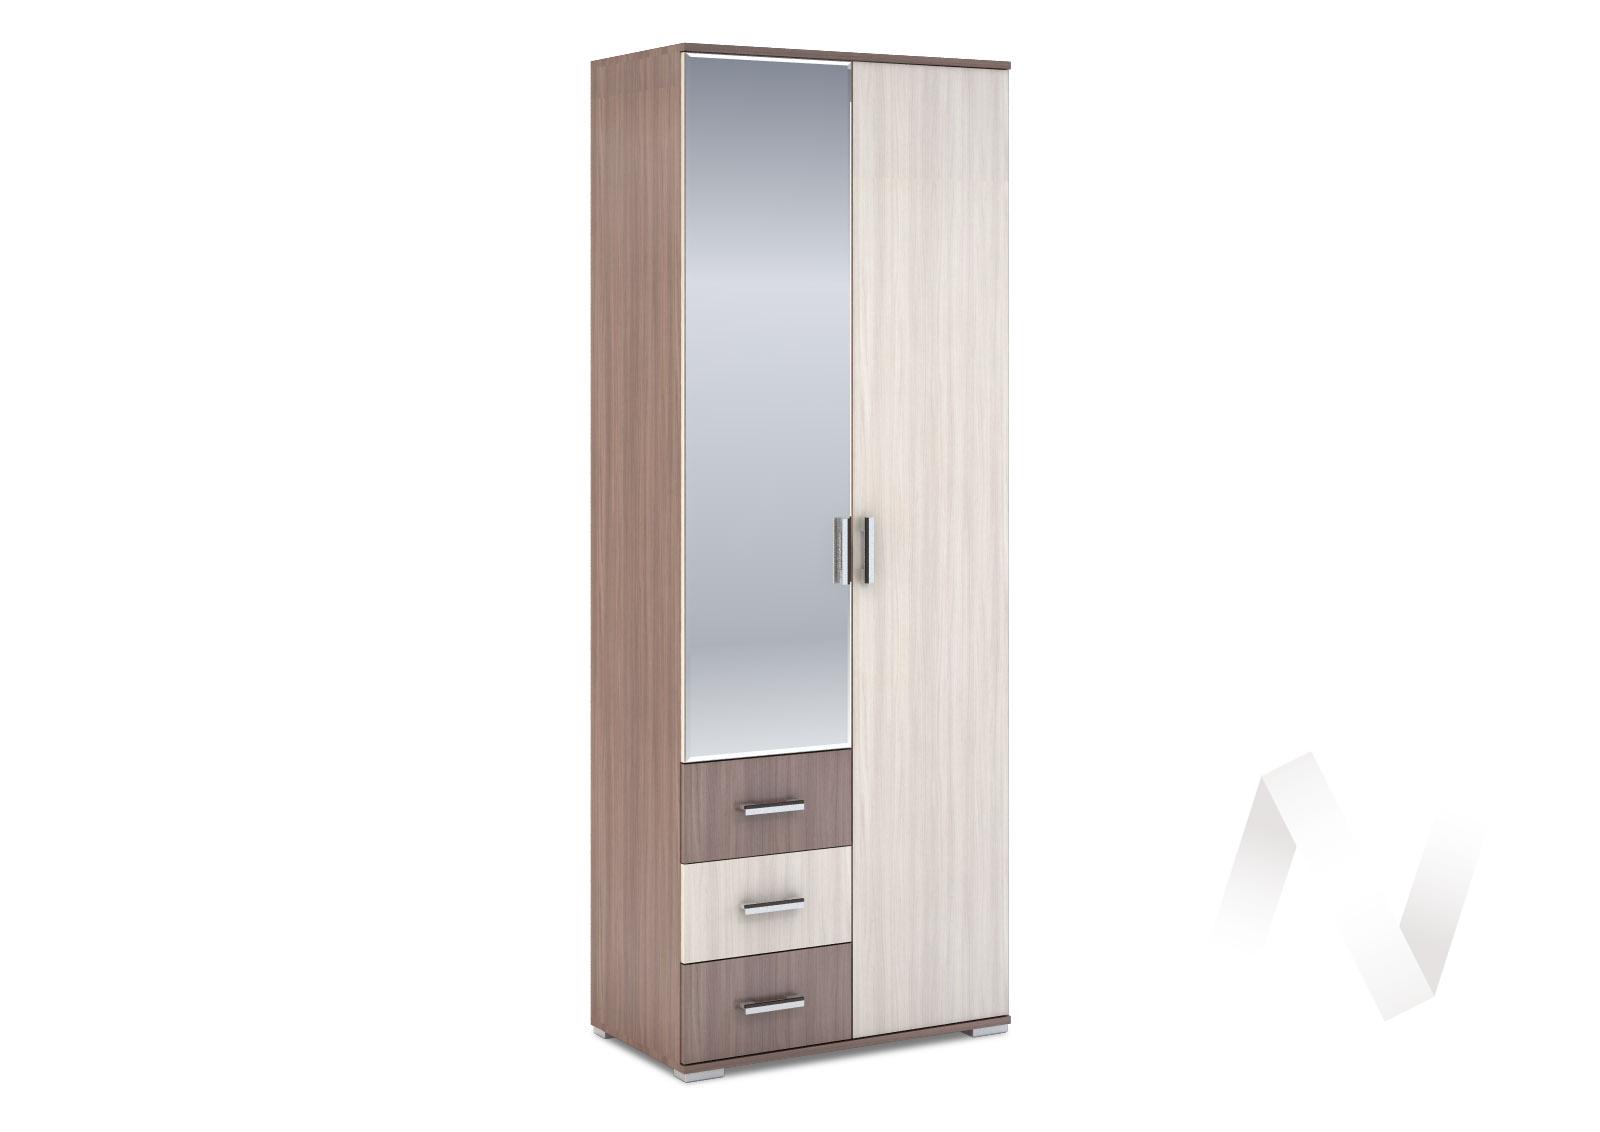 Шкаф 2-створчатый с ящиками 800 Рошель (ясень шимо тем/ясень шимо свет) ШК-802